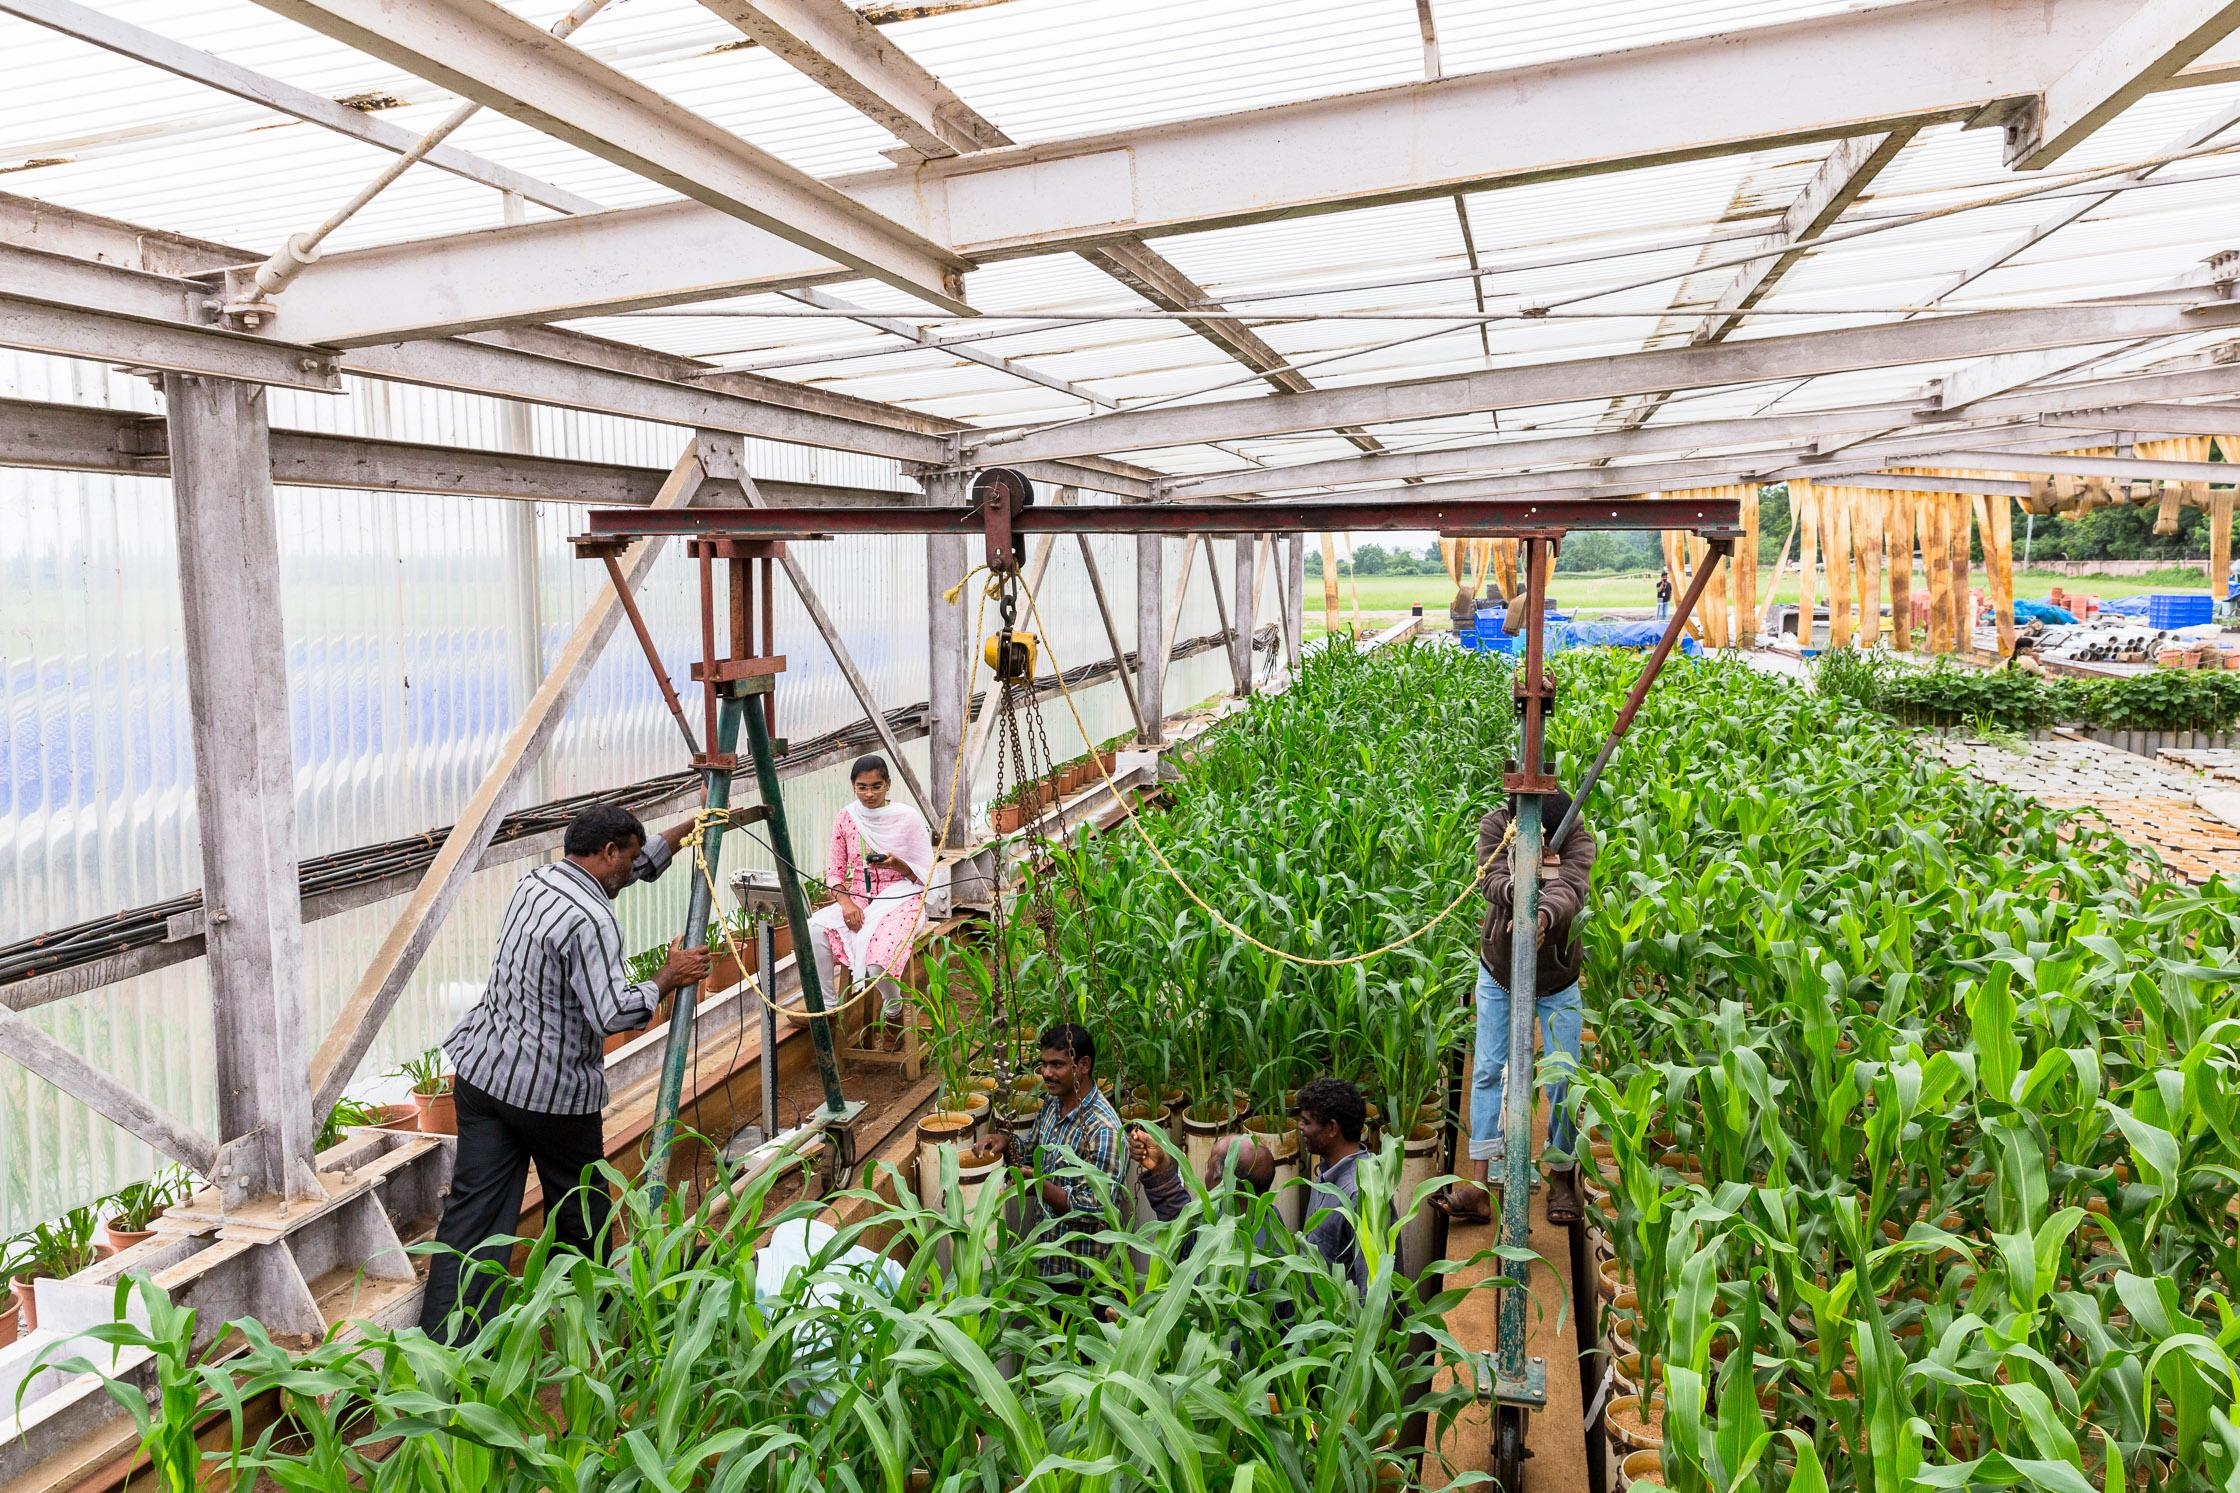 Millet plants